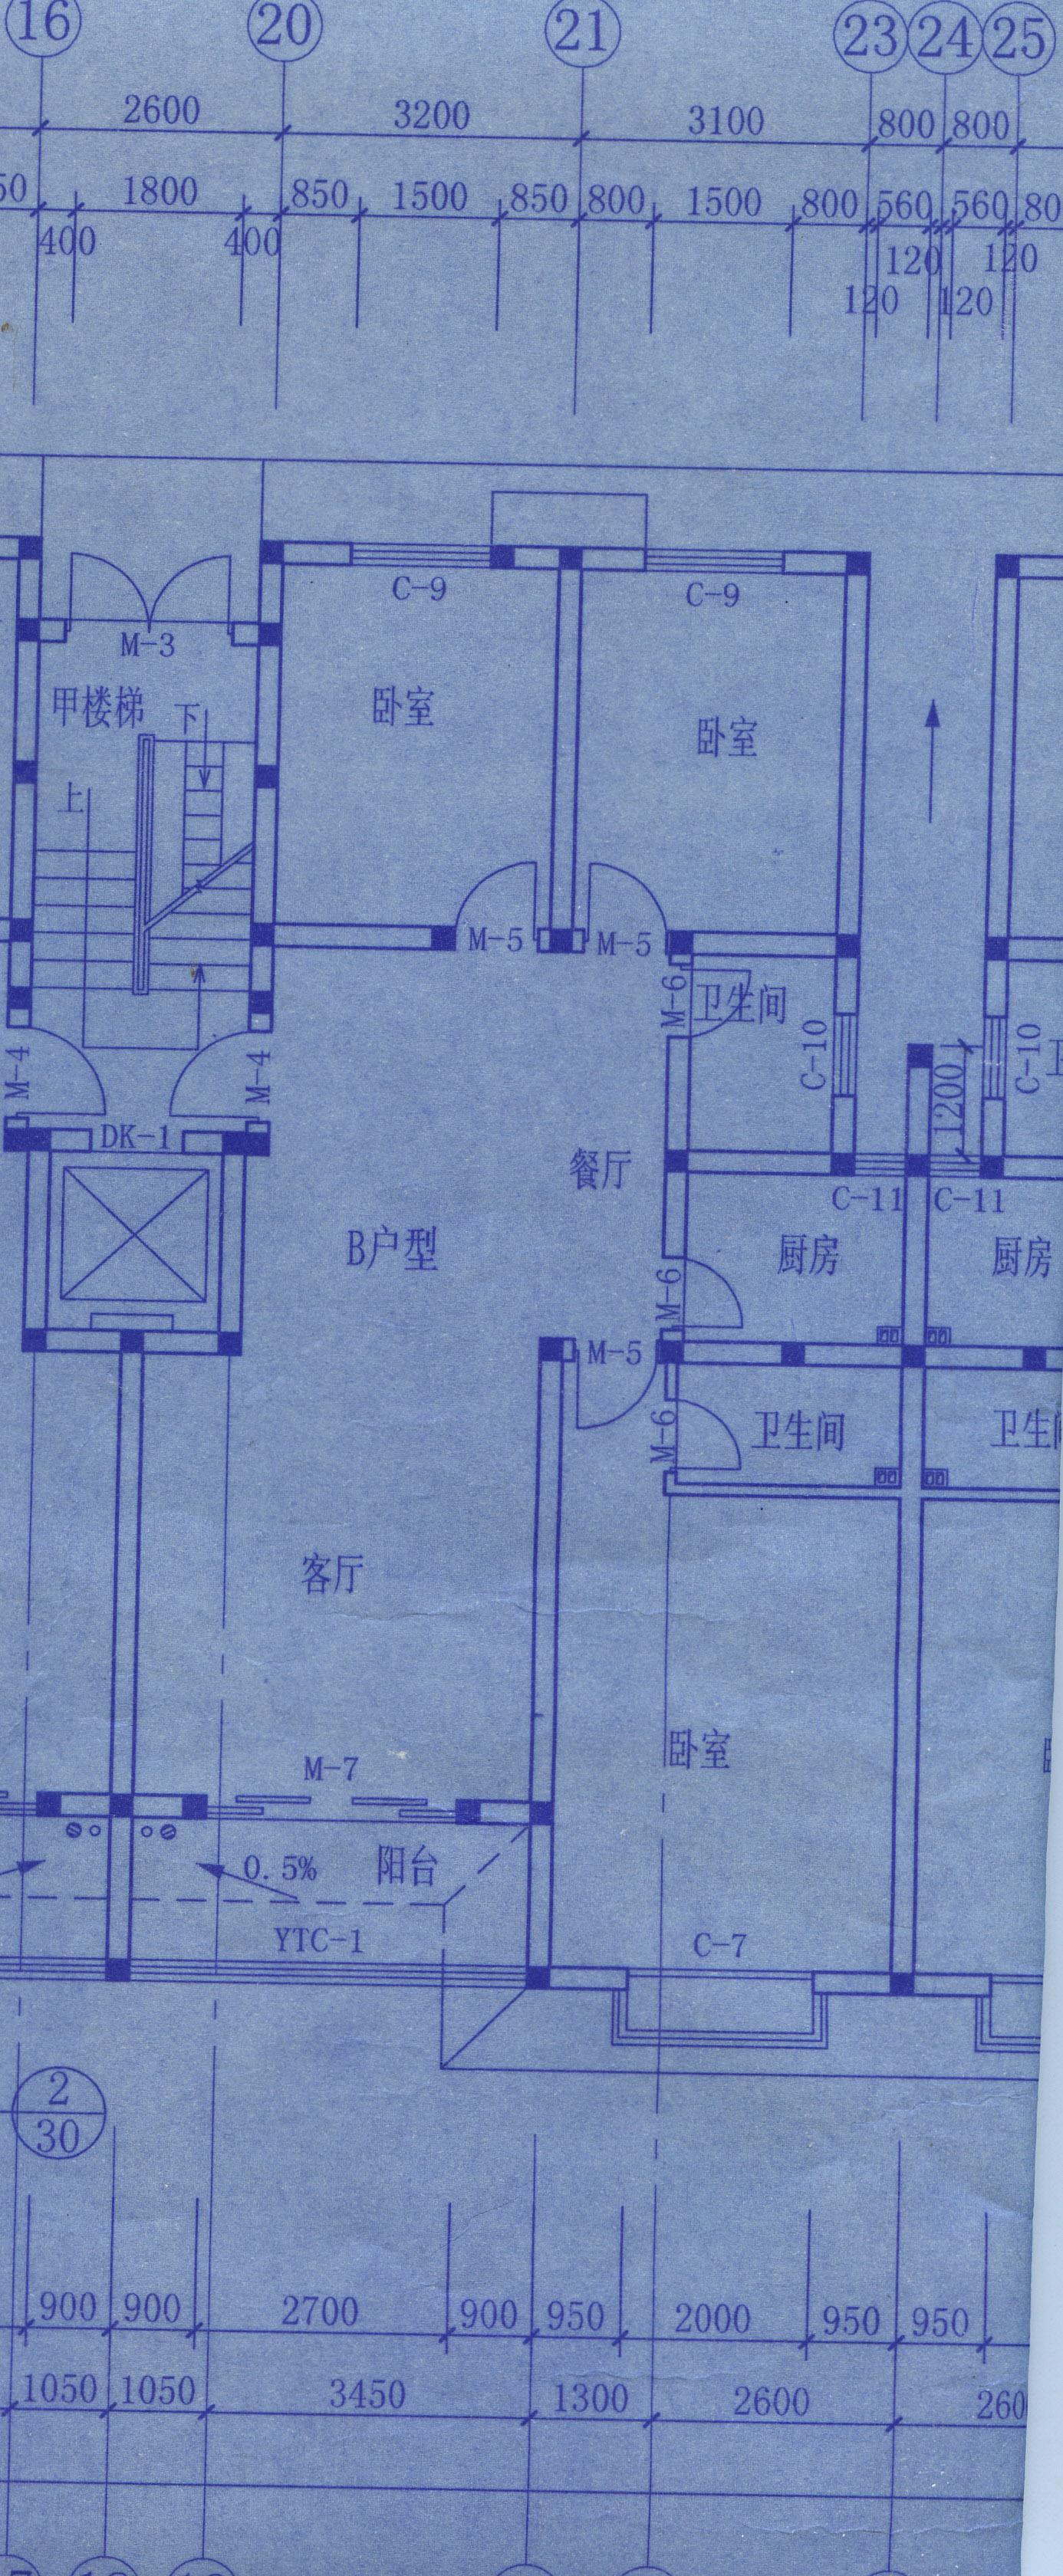 希望装修风格为简约明朗,户主今年43,因为是一楼所以想要空间感觉很亮不暗,希望卧室采用暖色调,使人感觉很温暖,很放松的感觉。但是不能太花哨。因为家里东西比较多所以希望有一定的储物空间。地板不想要木地板。作品能说明装修用料及所用材料最好。阳台是通小院的